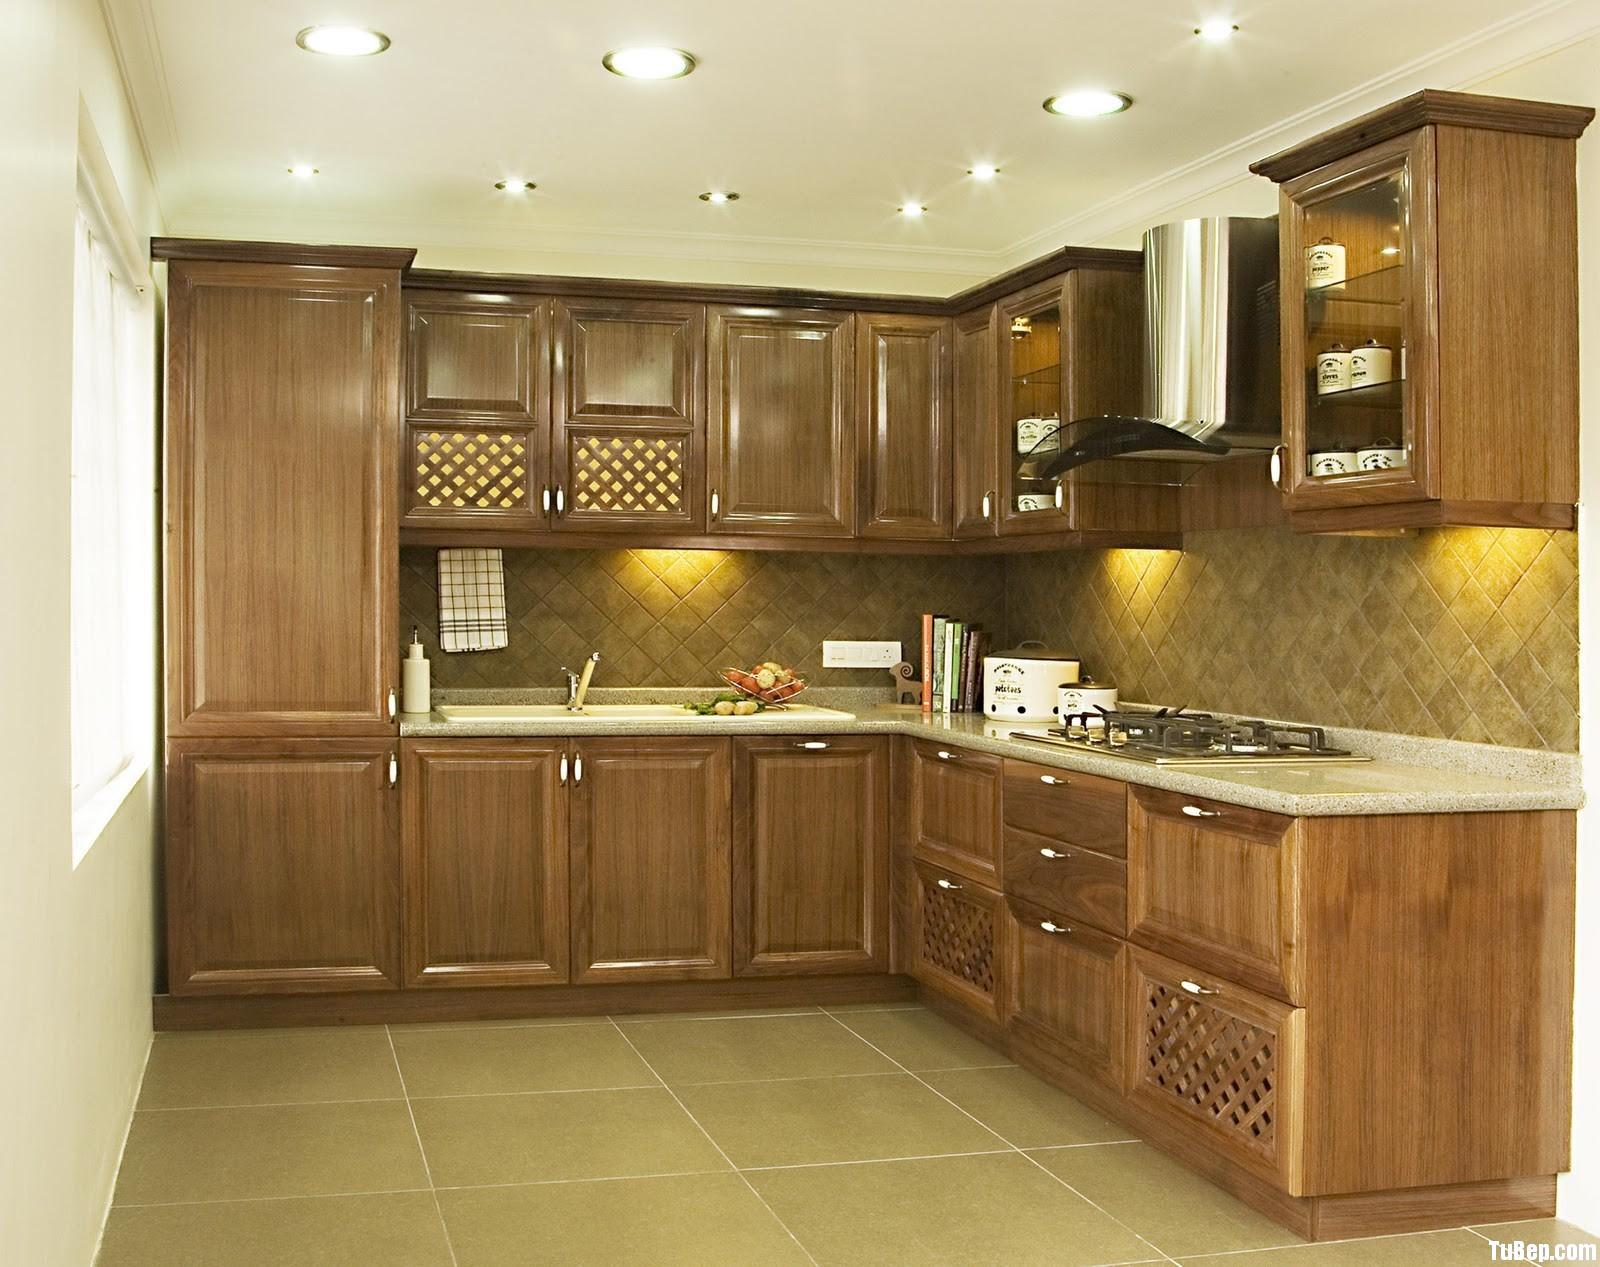 aabf9bdbd6ia Lai.jpg Tủ bếp gỗ tự nhiên chữ L TVT0842